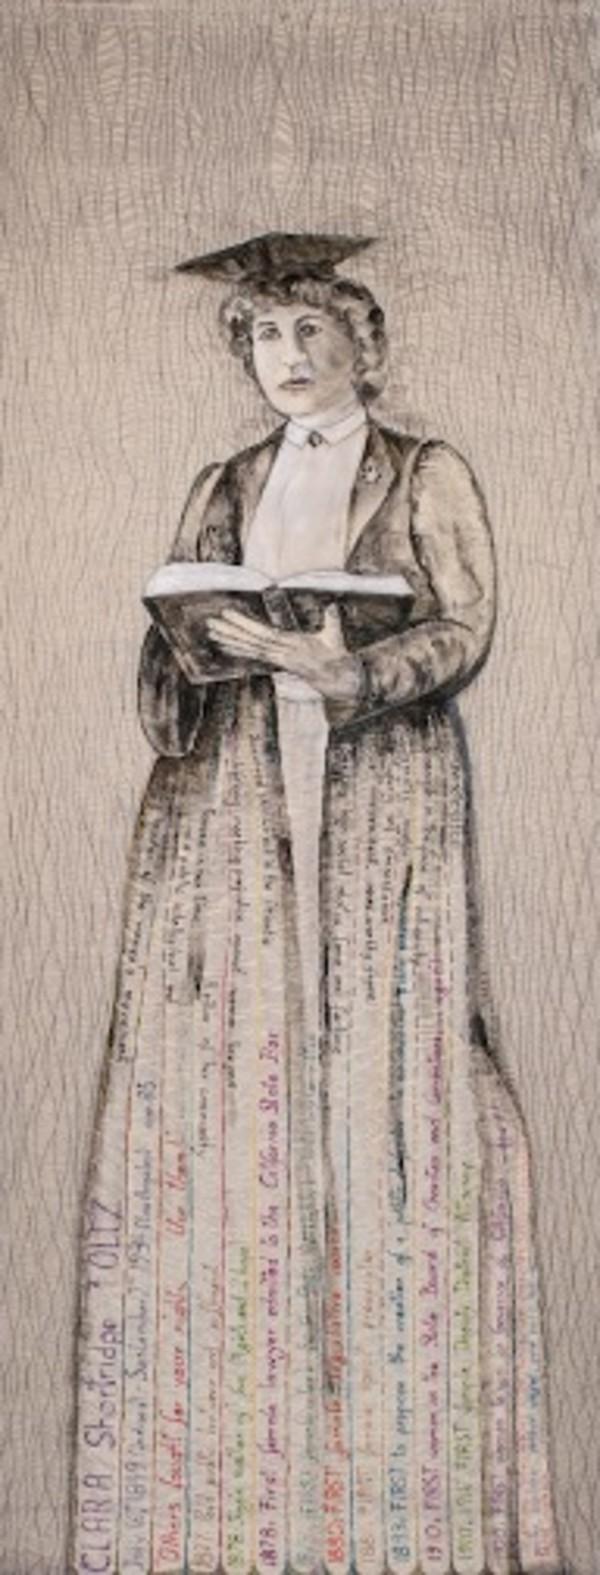 Clara Foltz by Maria Billings